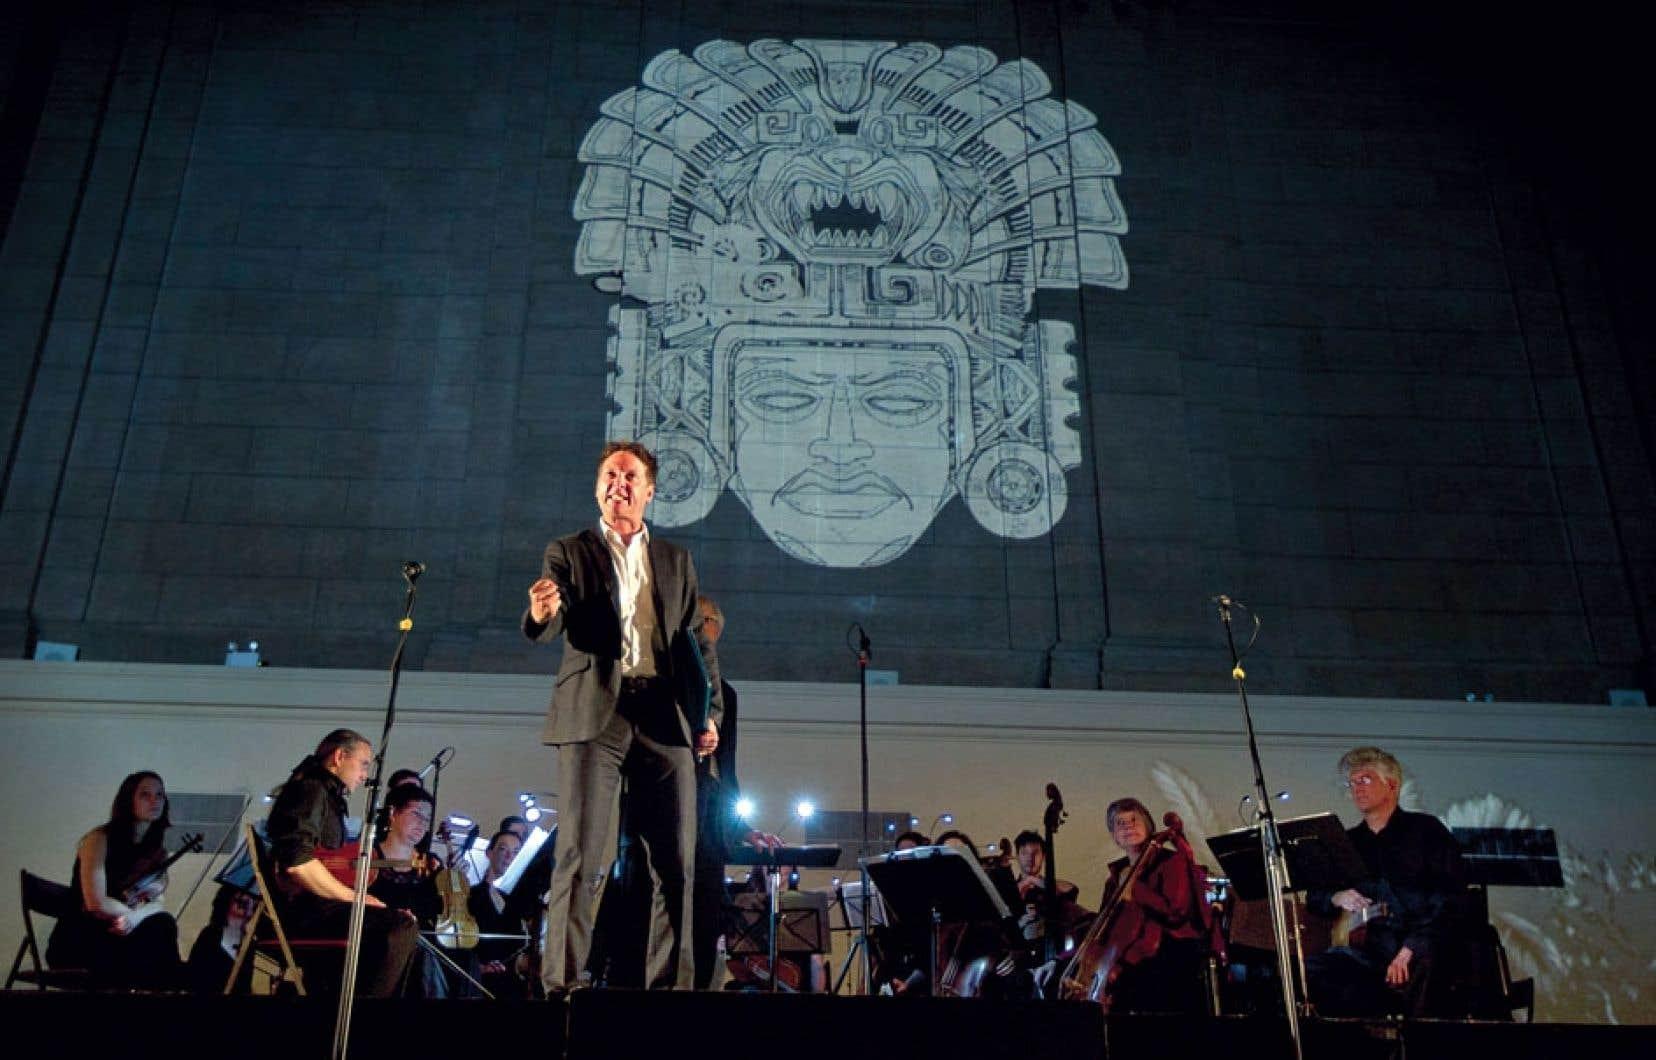 Le Motezuma de Vivaldi doté de sympathiques projections revivait dans le cadre du festival Montréal baroque.